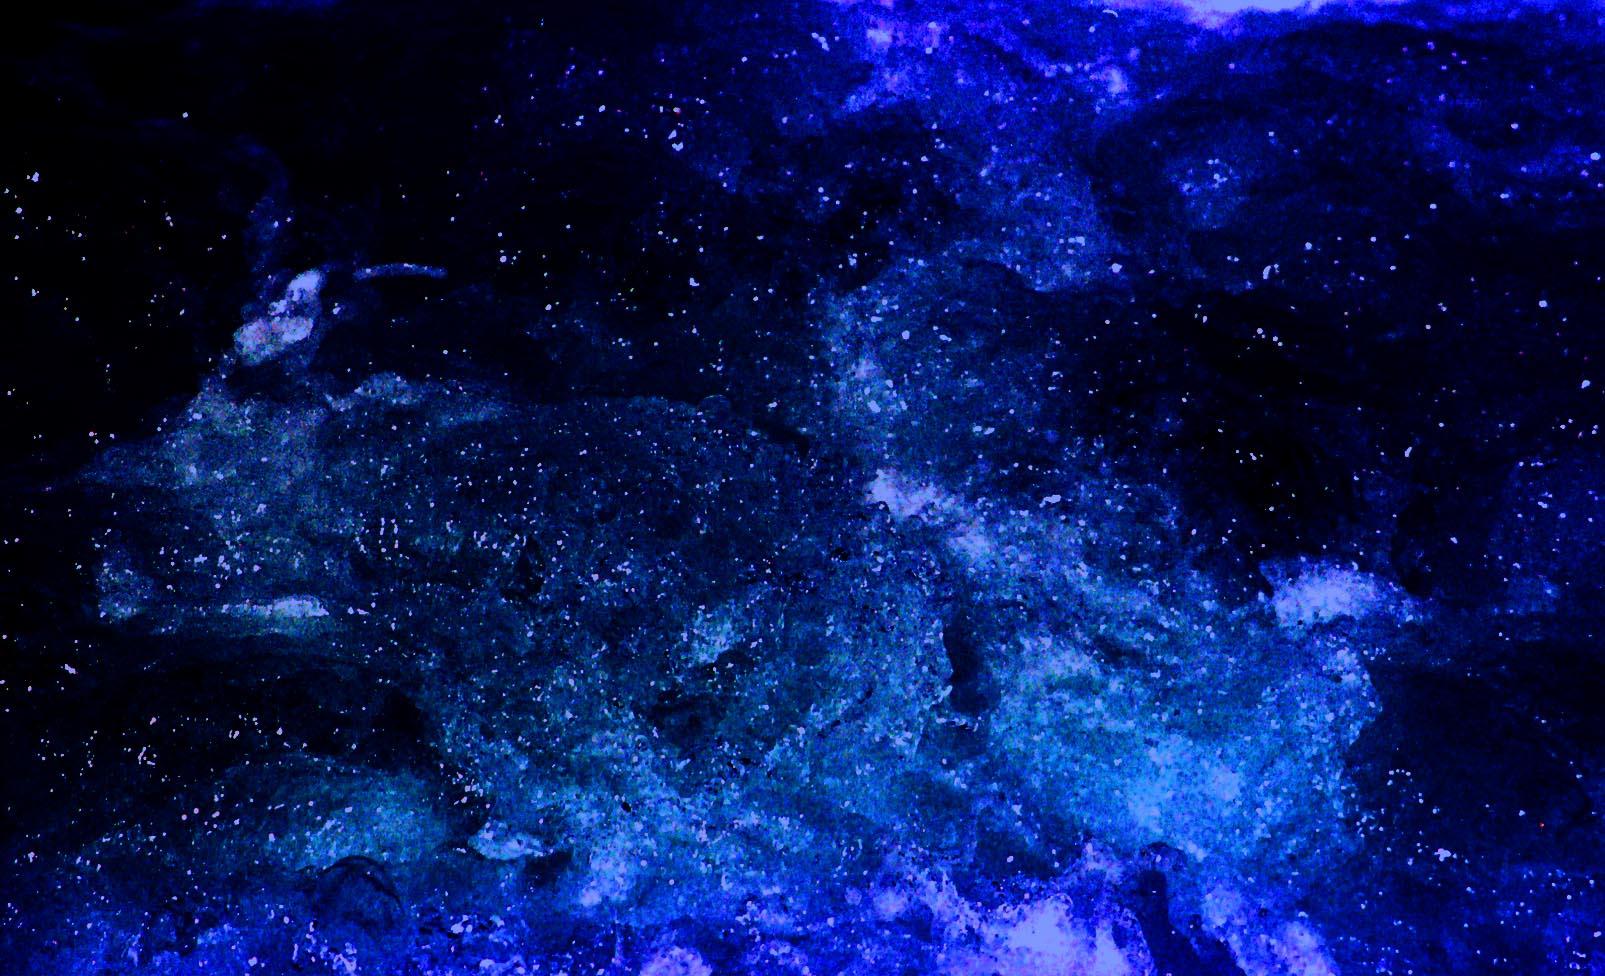 ゆんフリー写真素材集 No 399x 海中の大銀河 日本 静岡